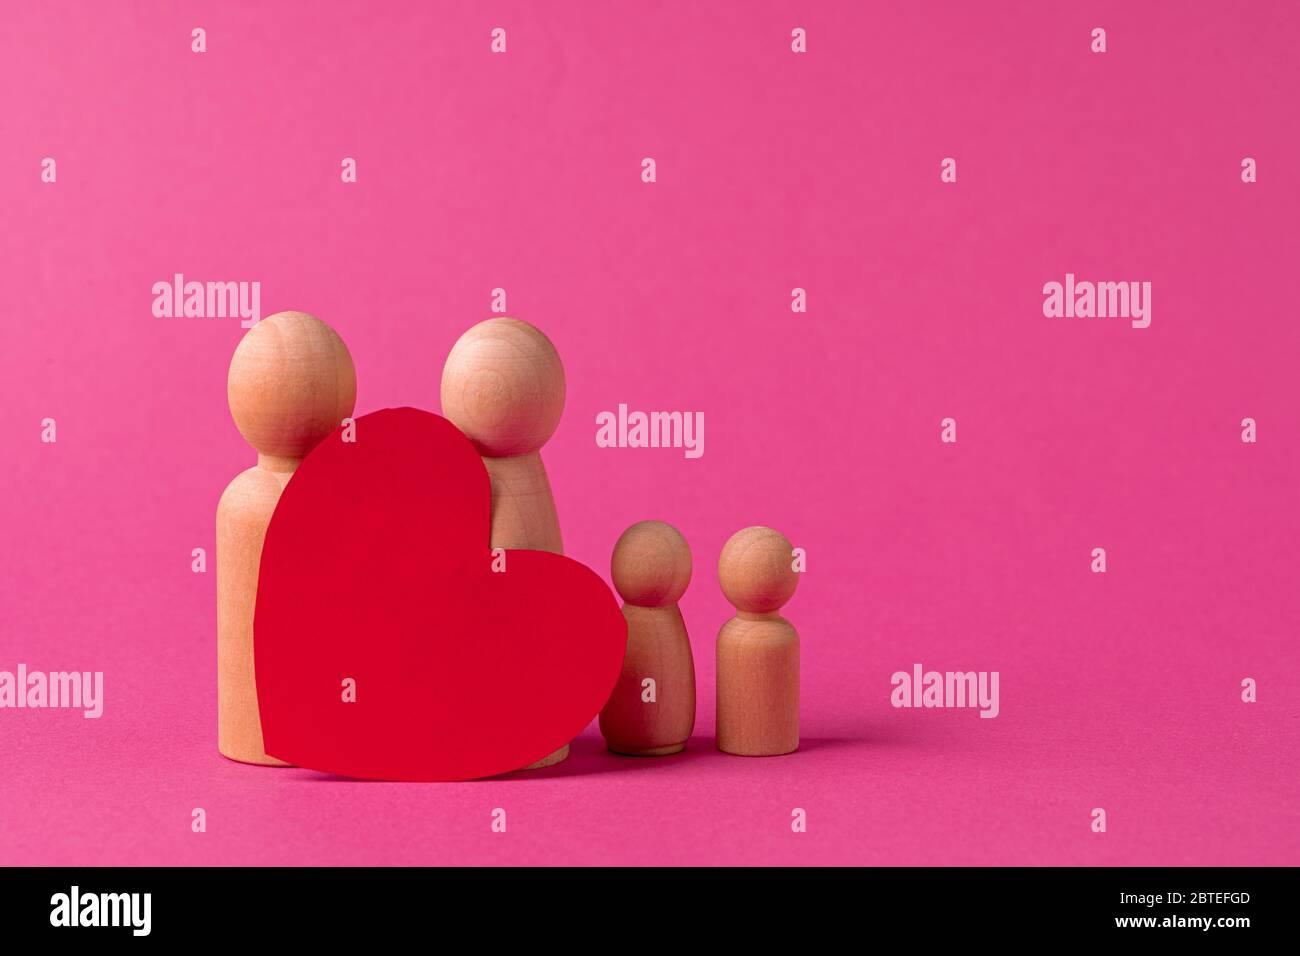 Kleine Holzfiguren von Familienmitgliedern. Symbol für Familienbeziehung Stockfoto